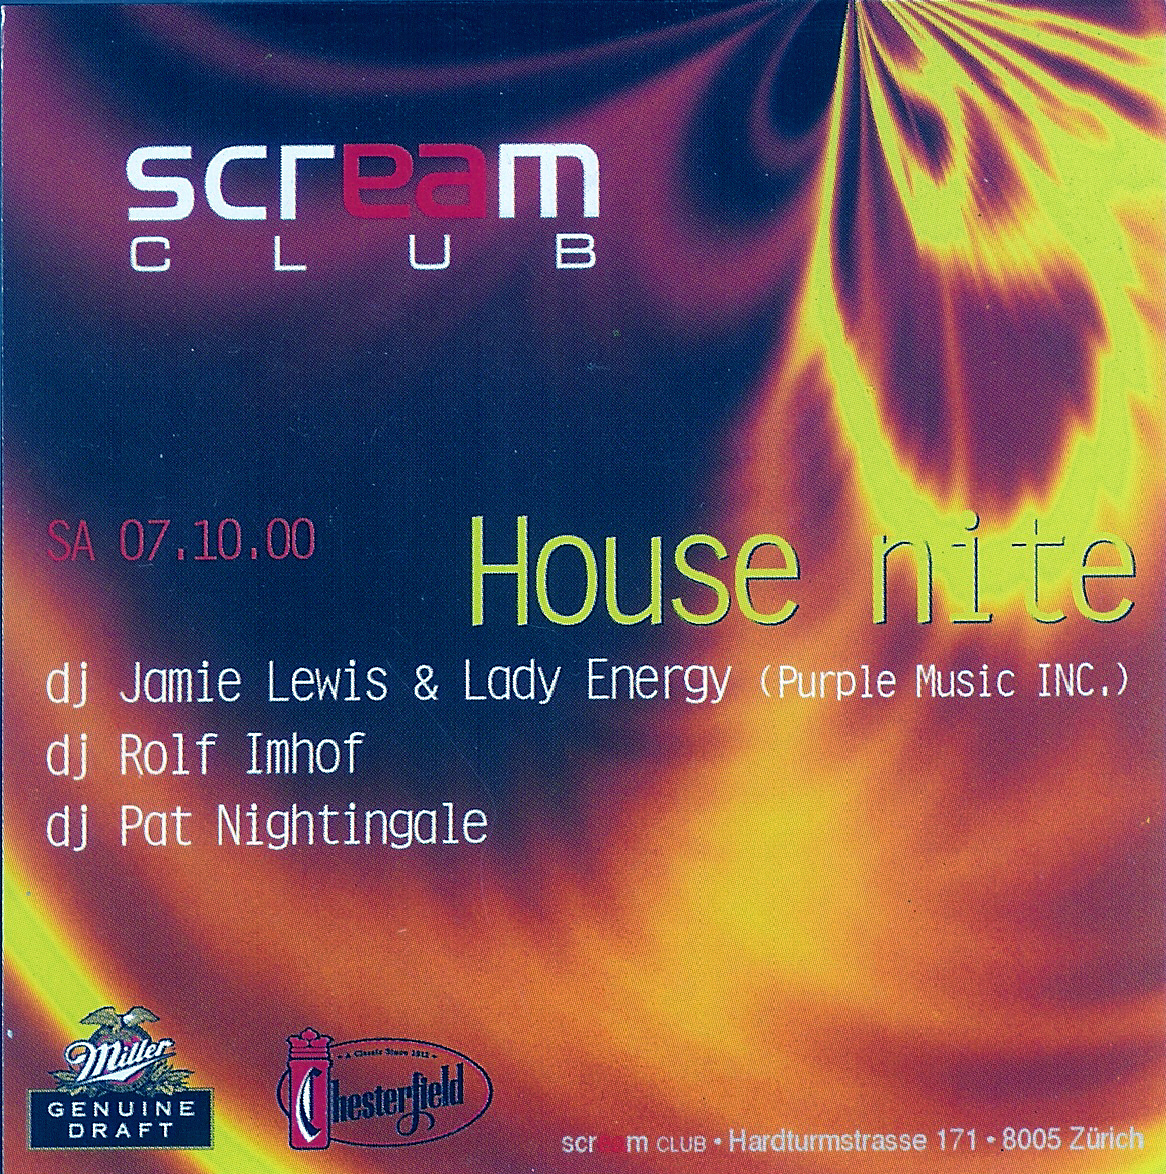 House nite_7.10.2000